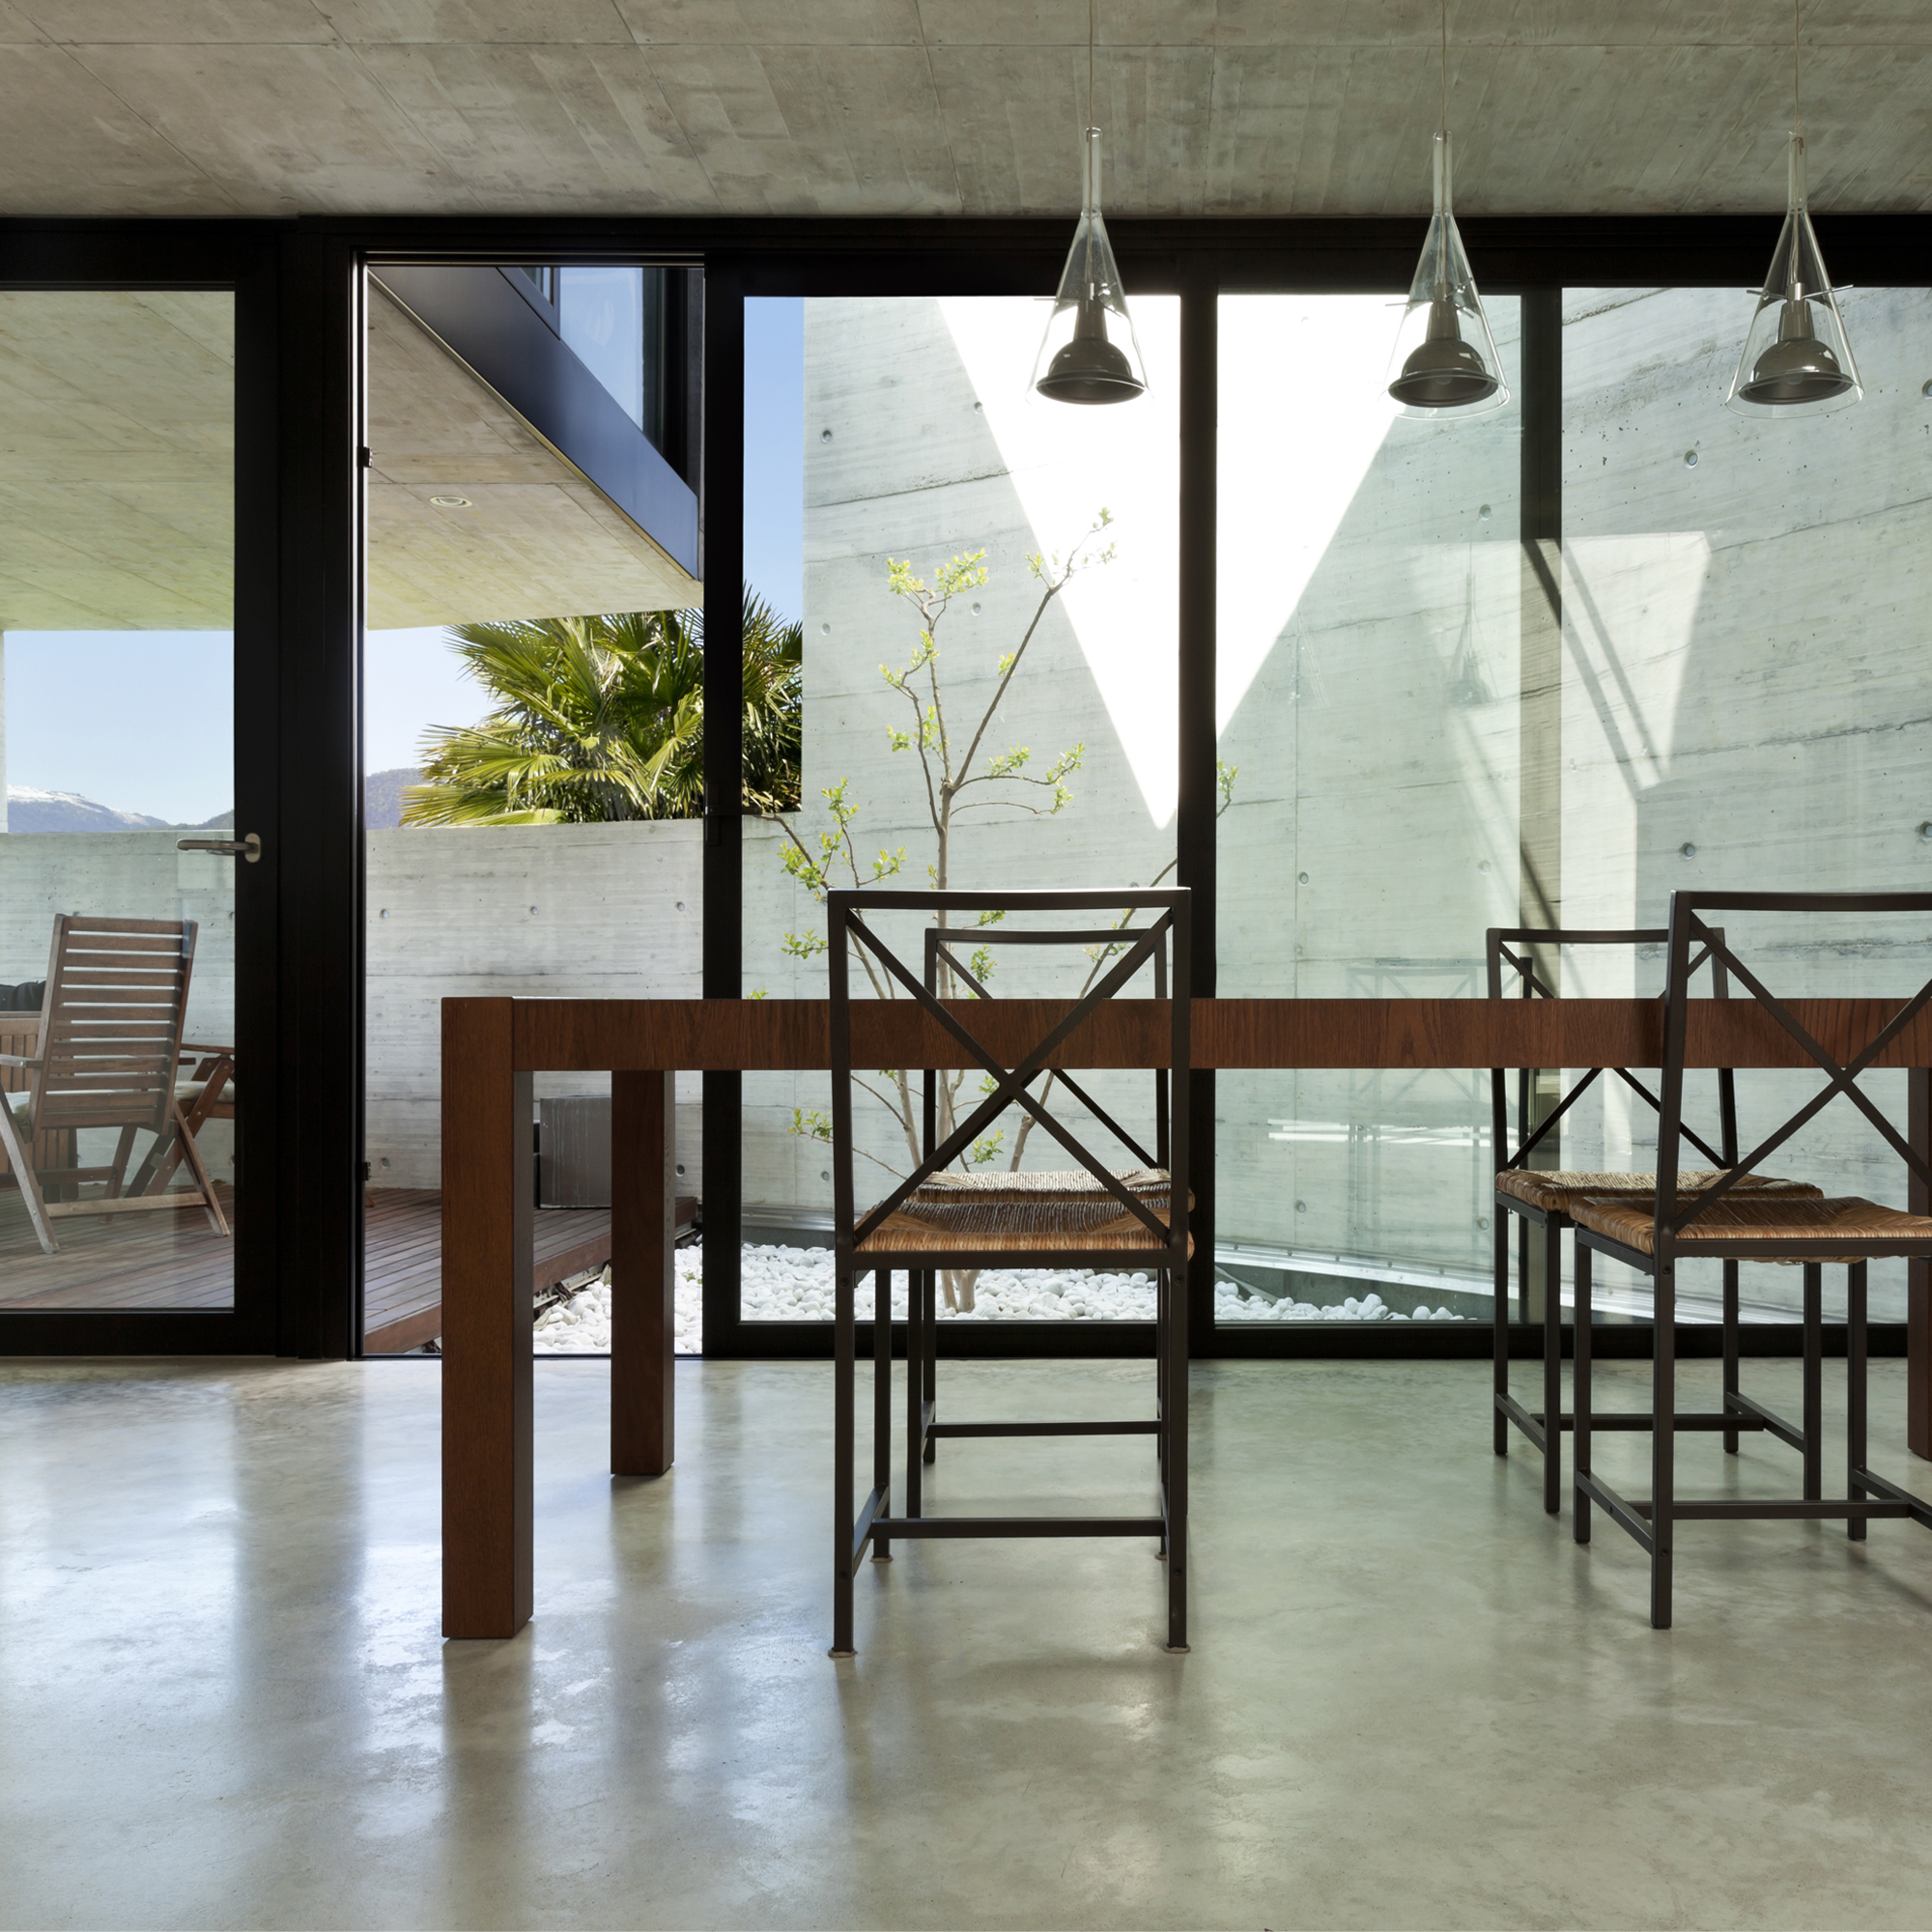 d coration decorateur d interieur tendances d co bons plans marseille entre nous magazine. Black Bedroom Furniture Sets. Home Design Ideas